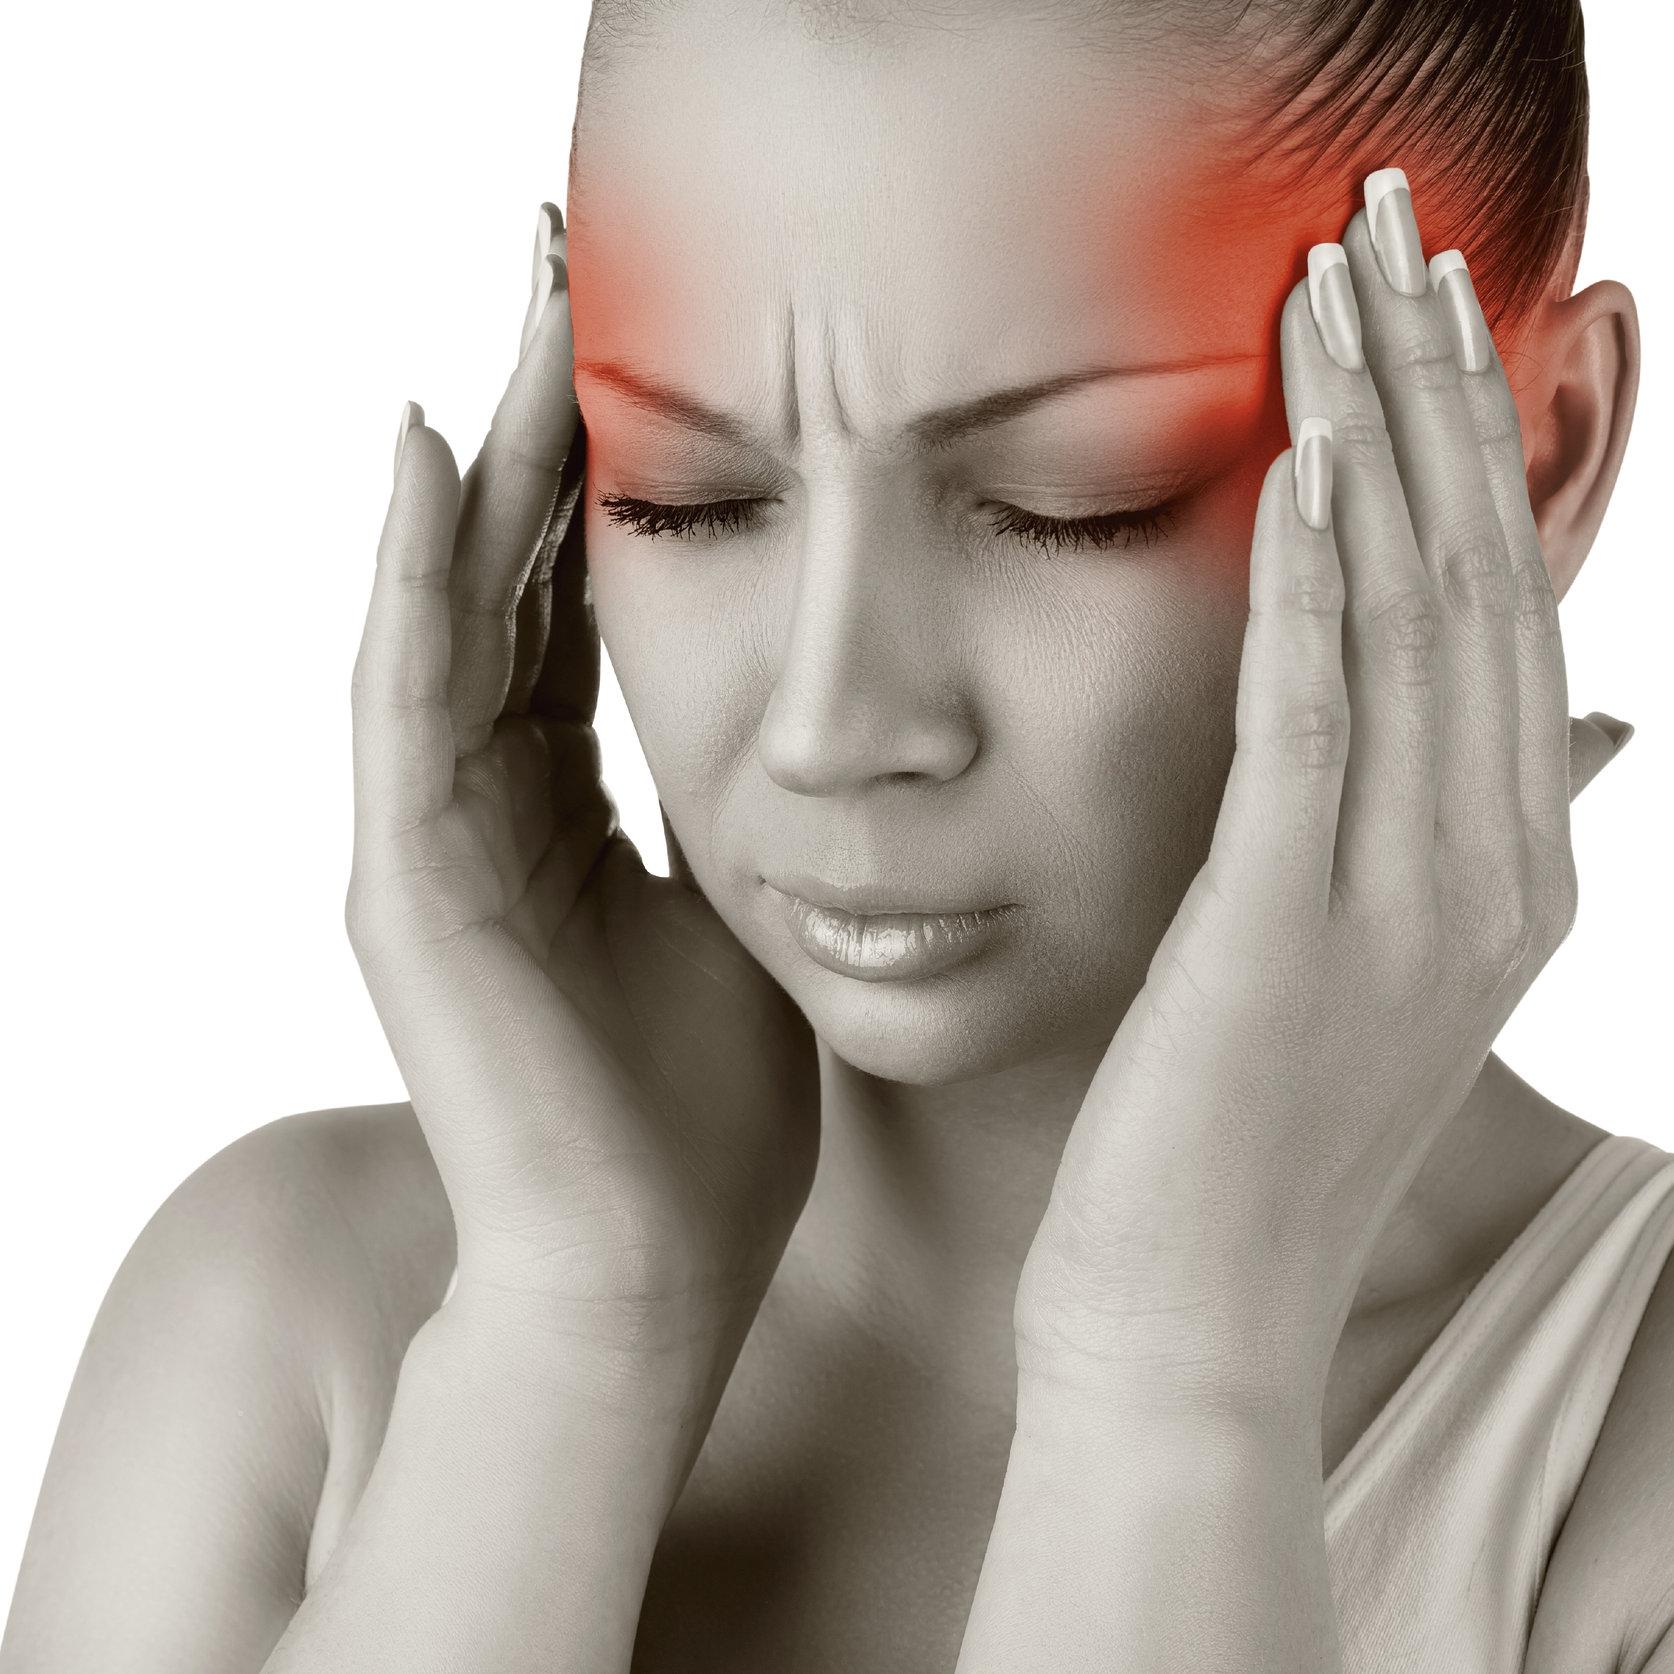 headache 3.jpg